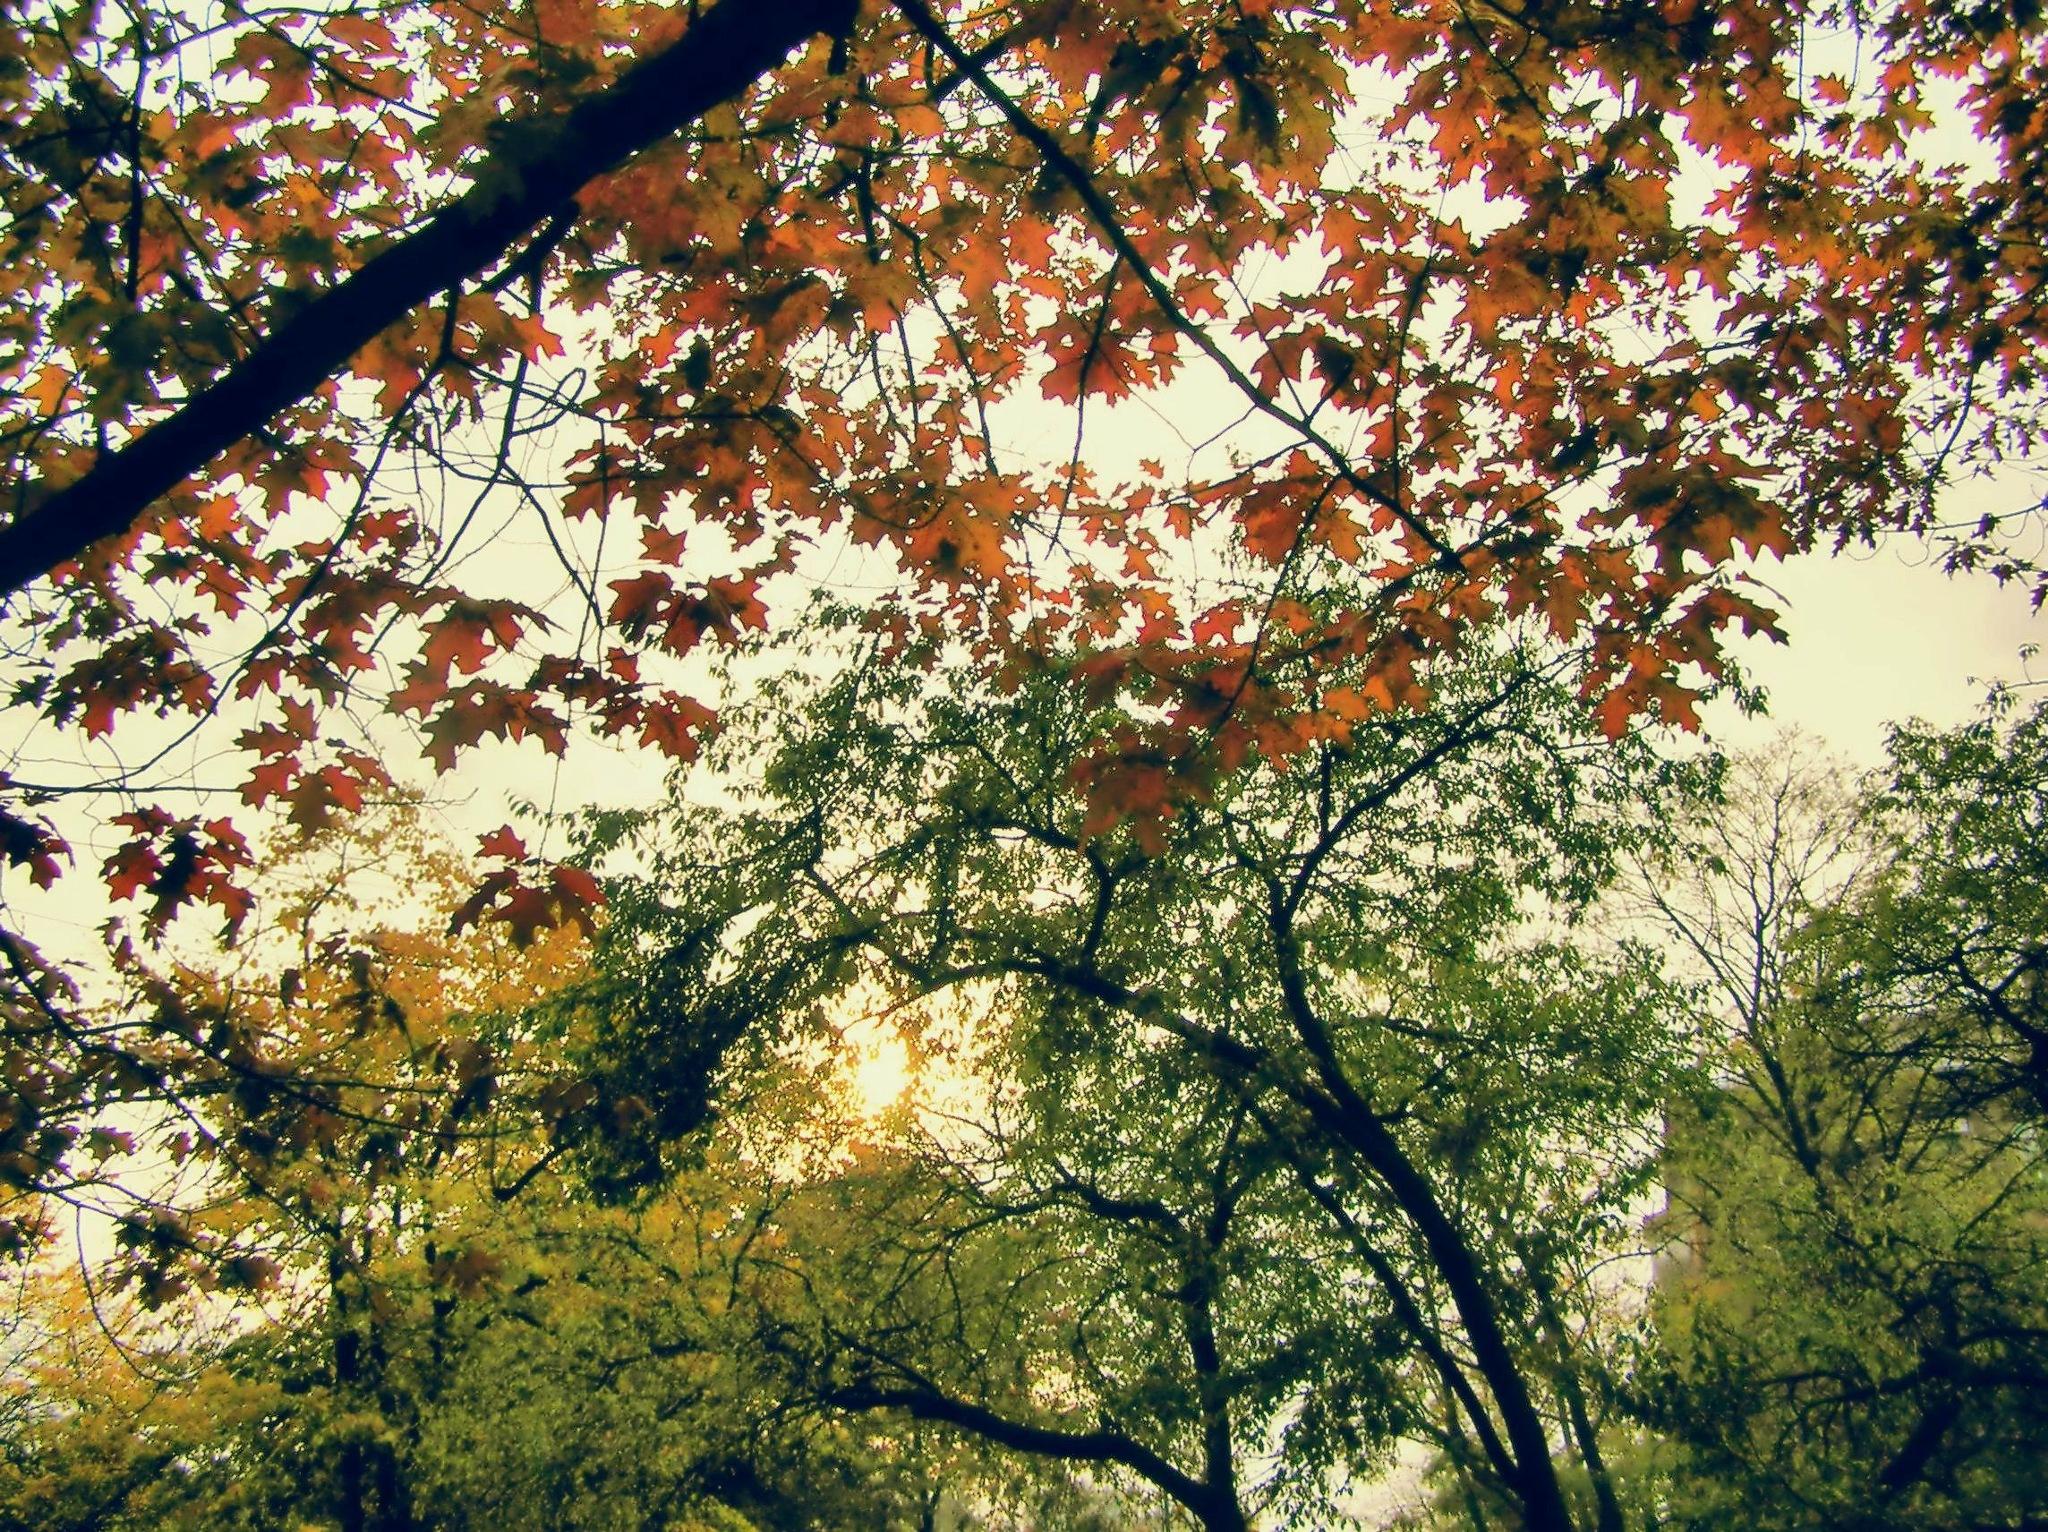 Autumn day by natashaneit